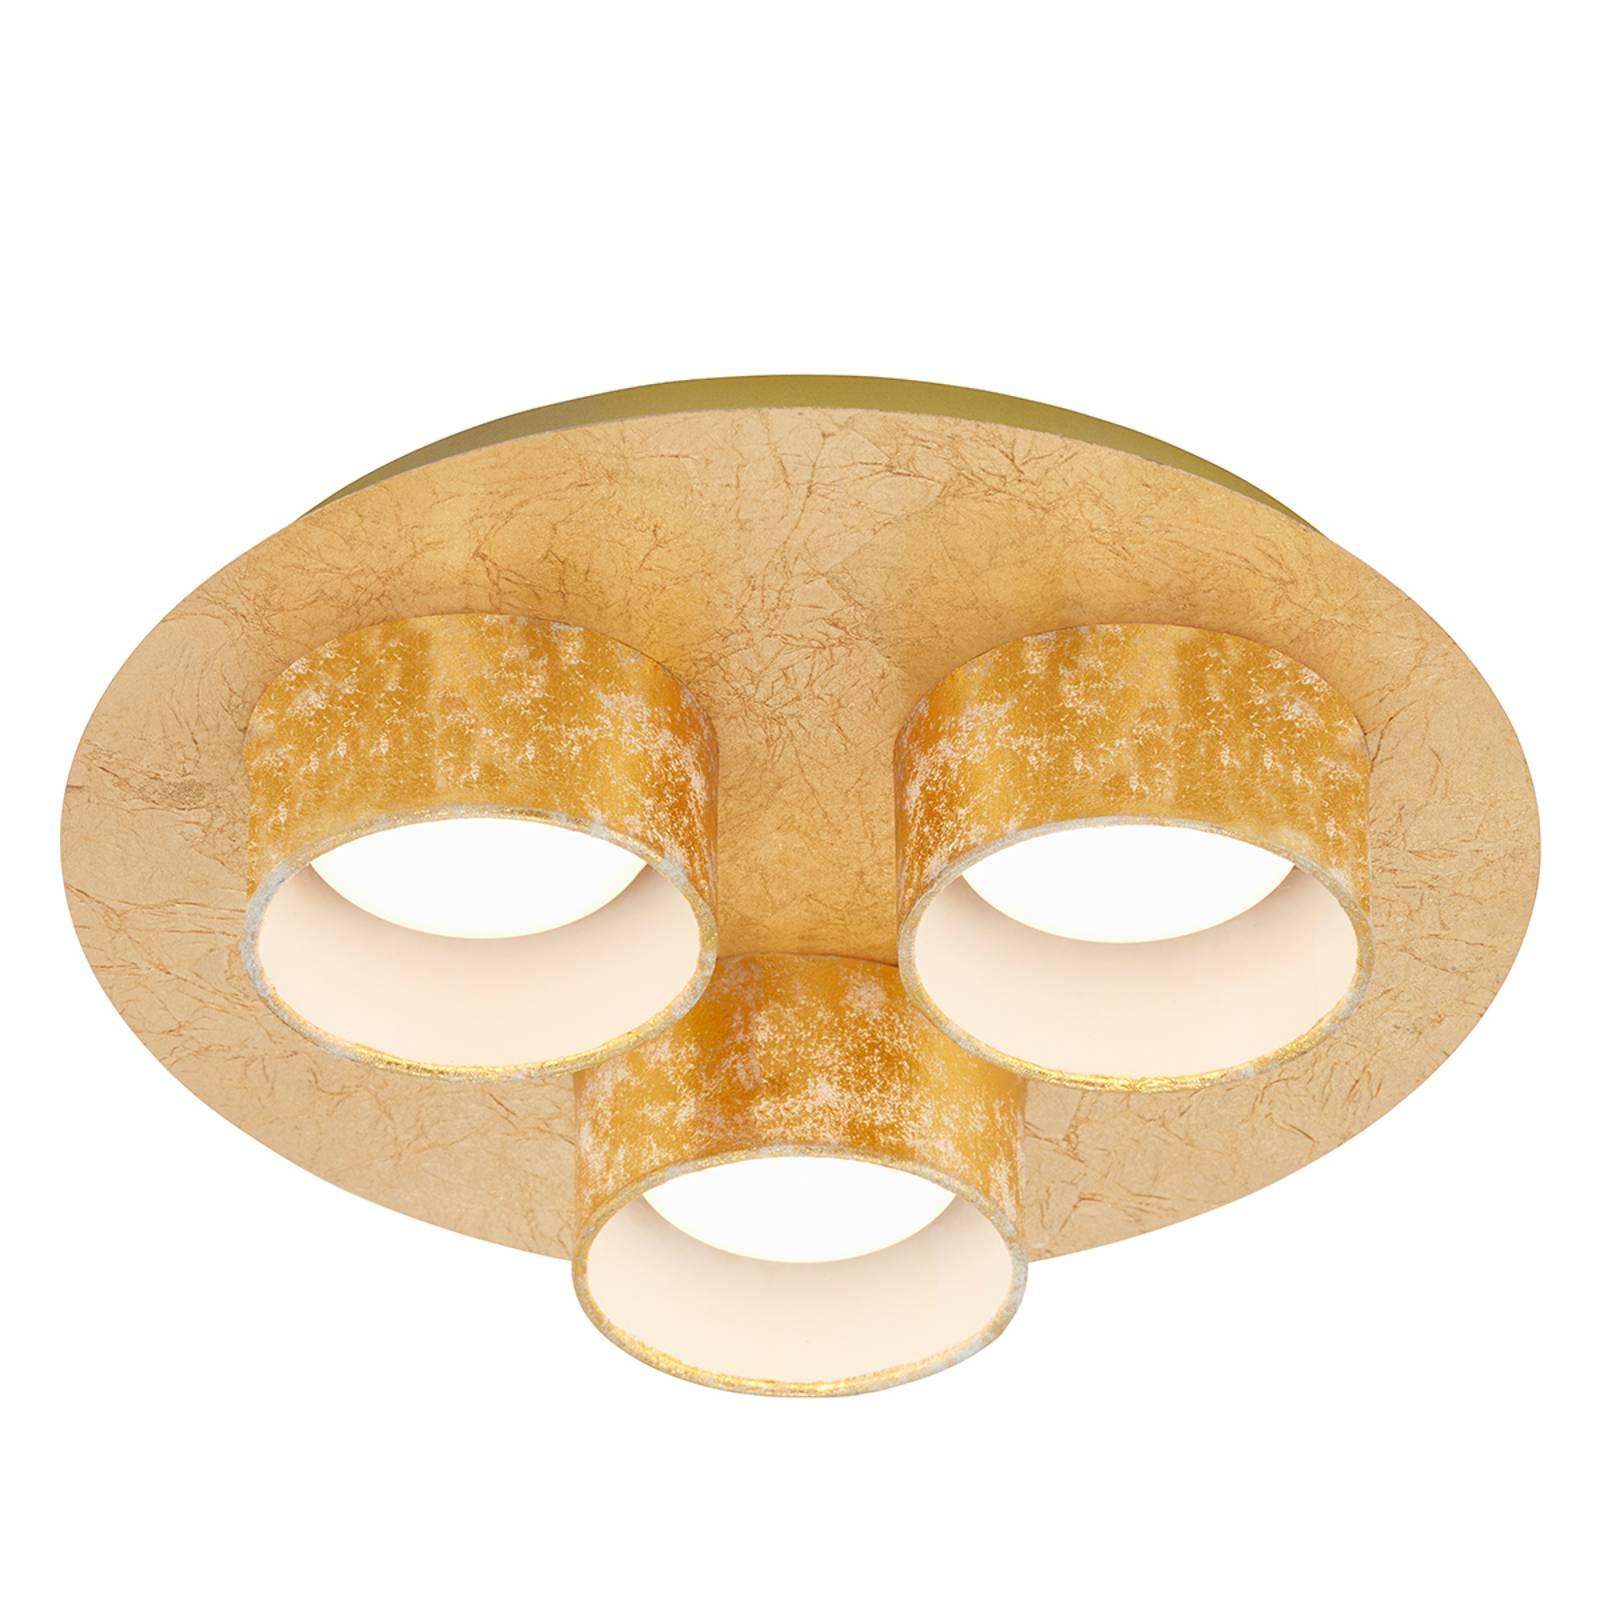 Lampa sufitowa LED Anna, 3-punktowa, złota